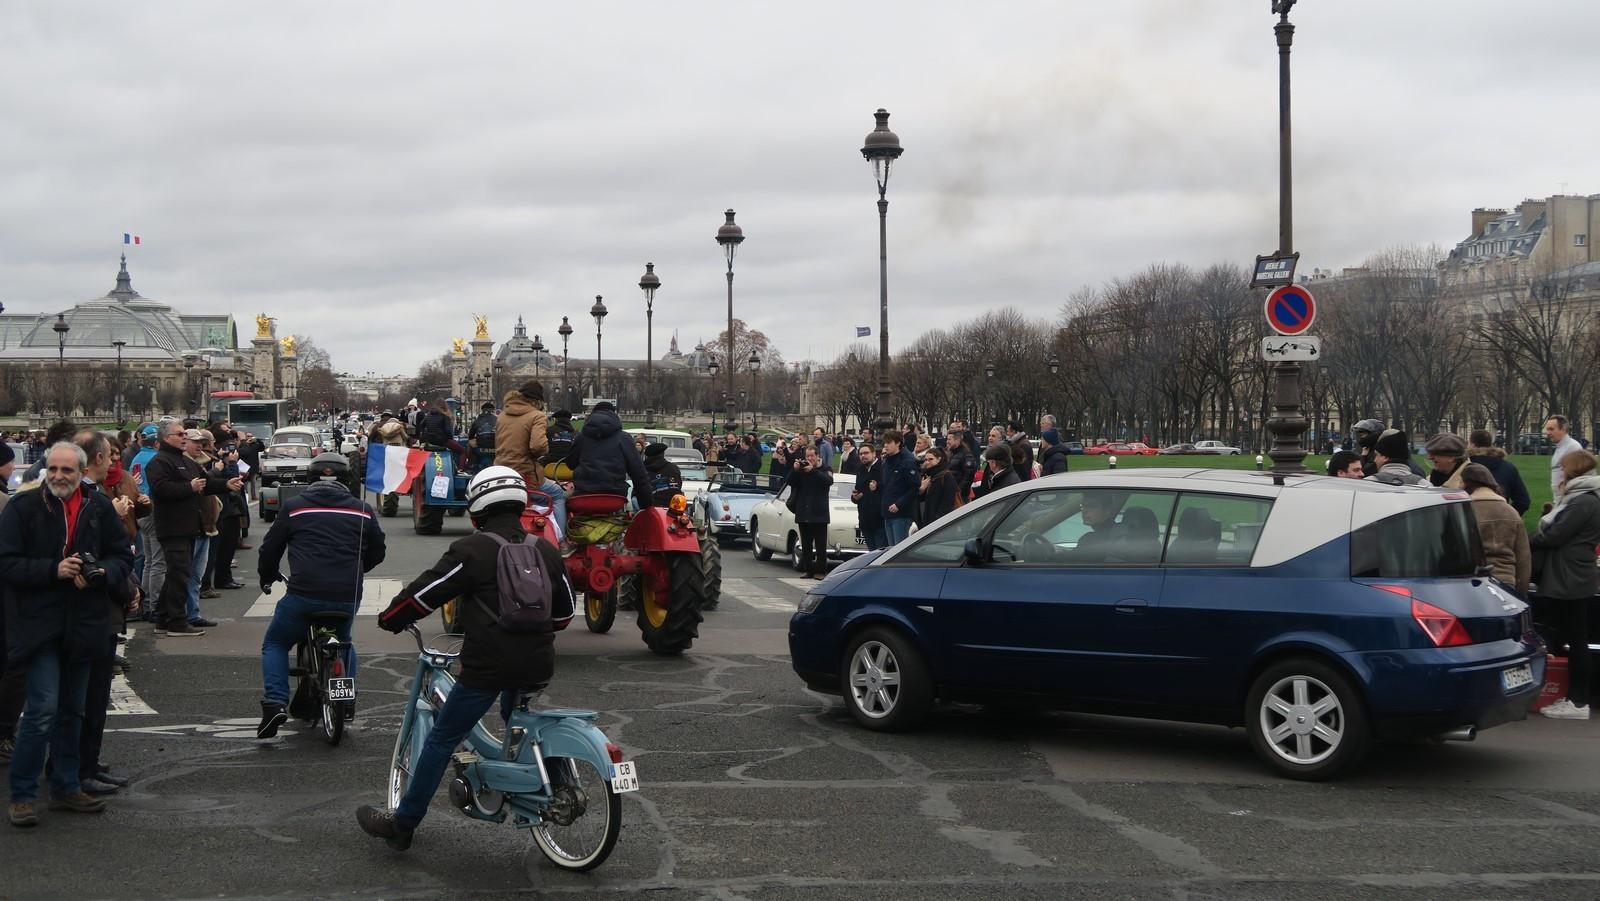 Traversee de Paris hivernale 2019 FM 117